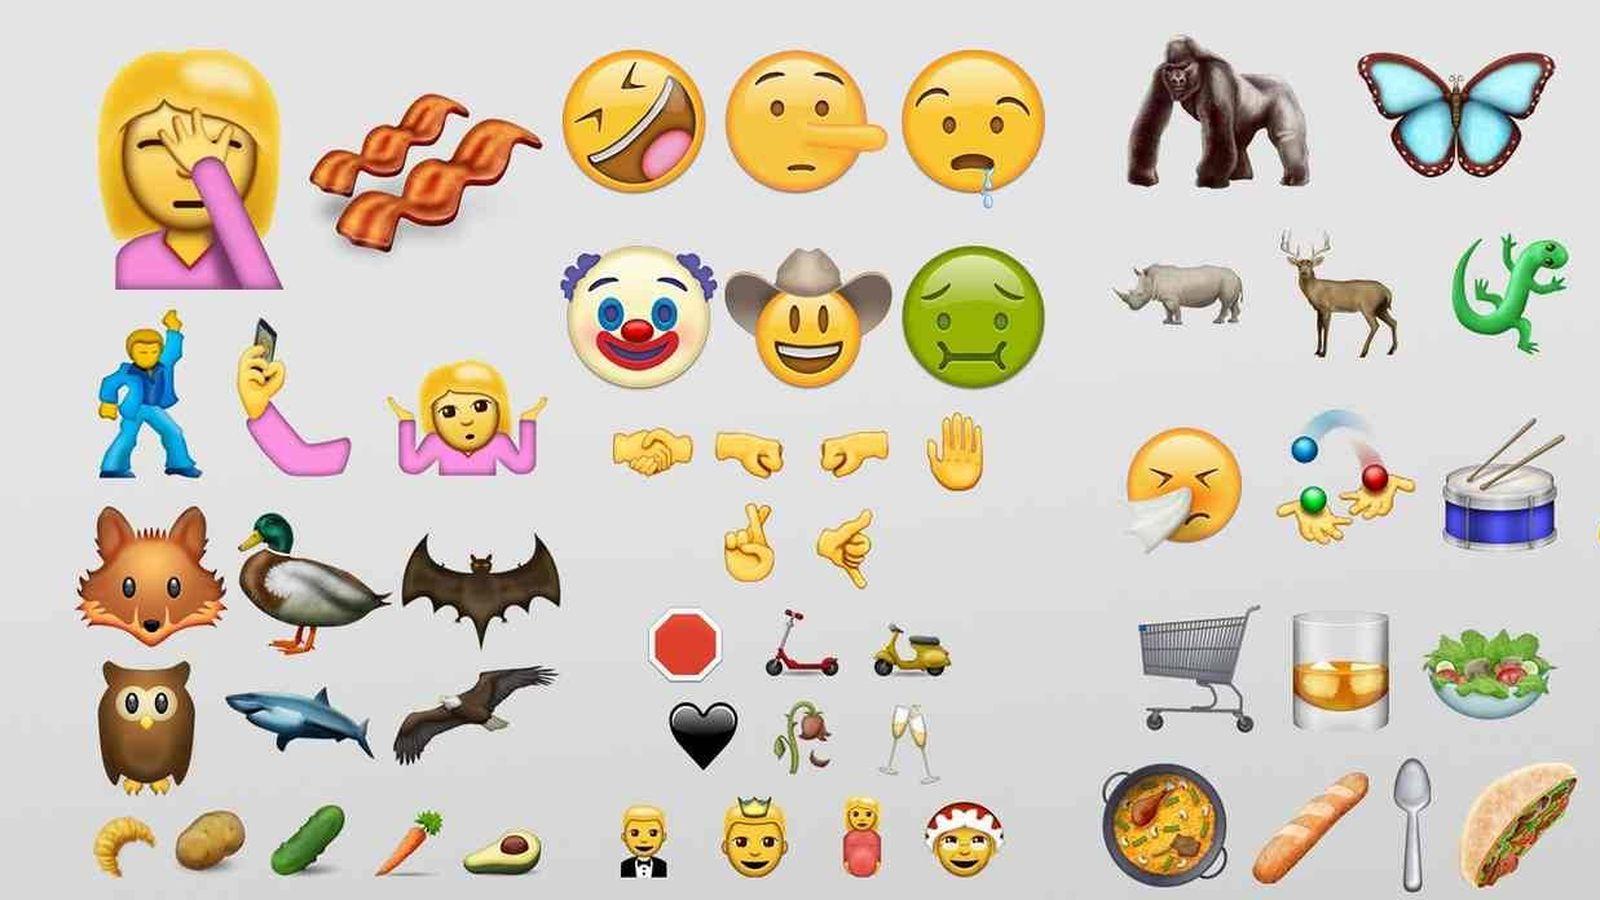 los 72 nuevos emoticonos que podr s usar en whatsapp a partir del 21 de junio noticias de. Black Bedroom Furniture Sets. Home Design Ideas